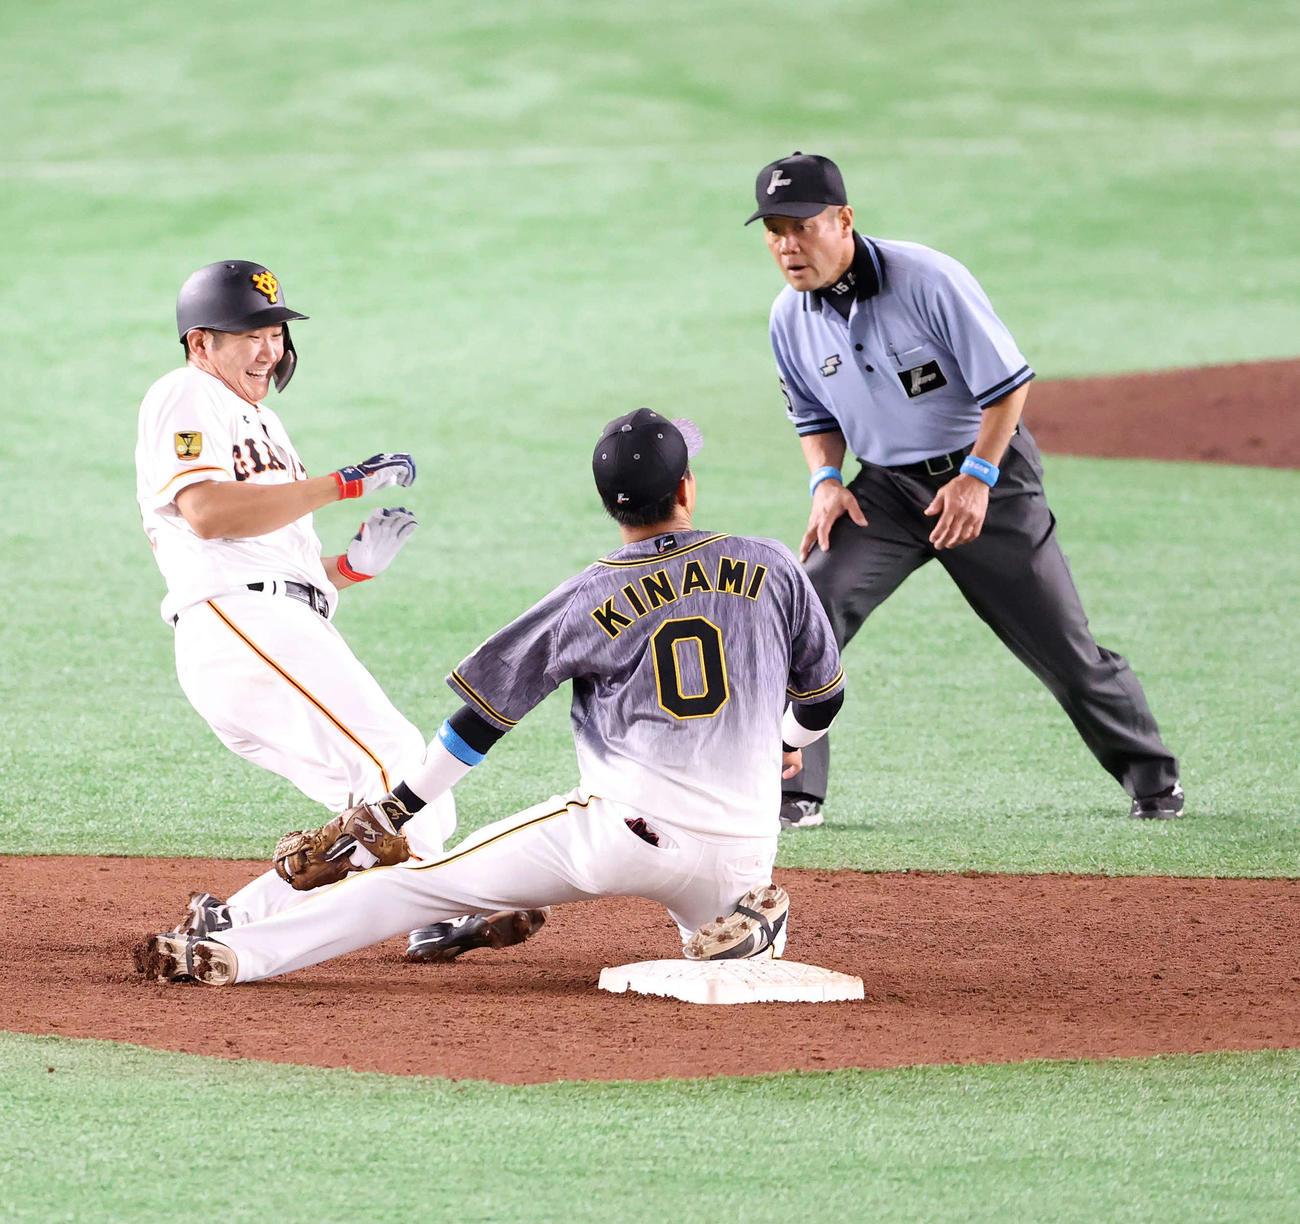 5回裏巨人無死一塁、吉川尚輝の打球で進塁を狙う菅野智之(左)は遊撃手木浪聖也と交錯する